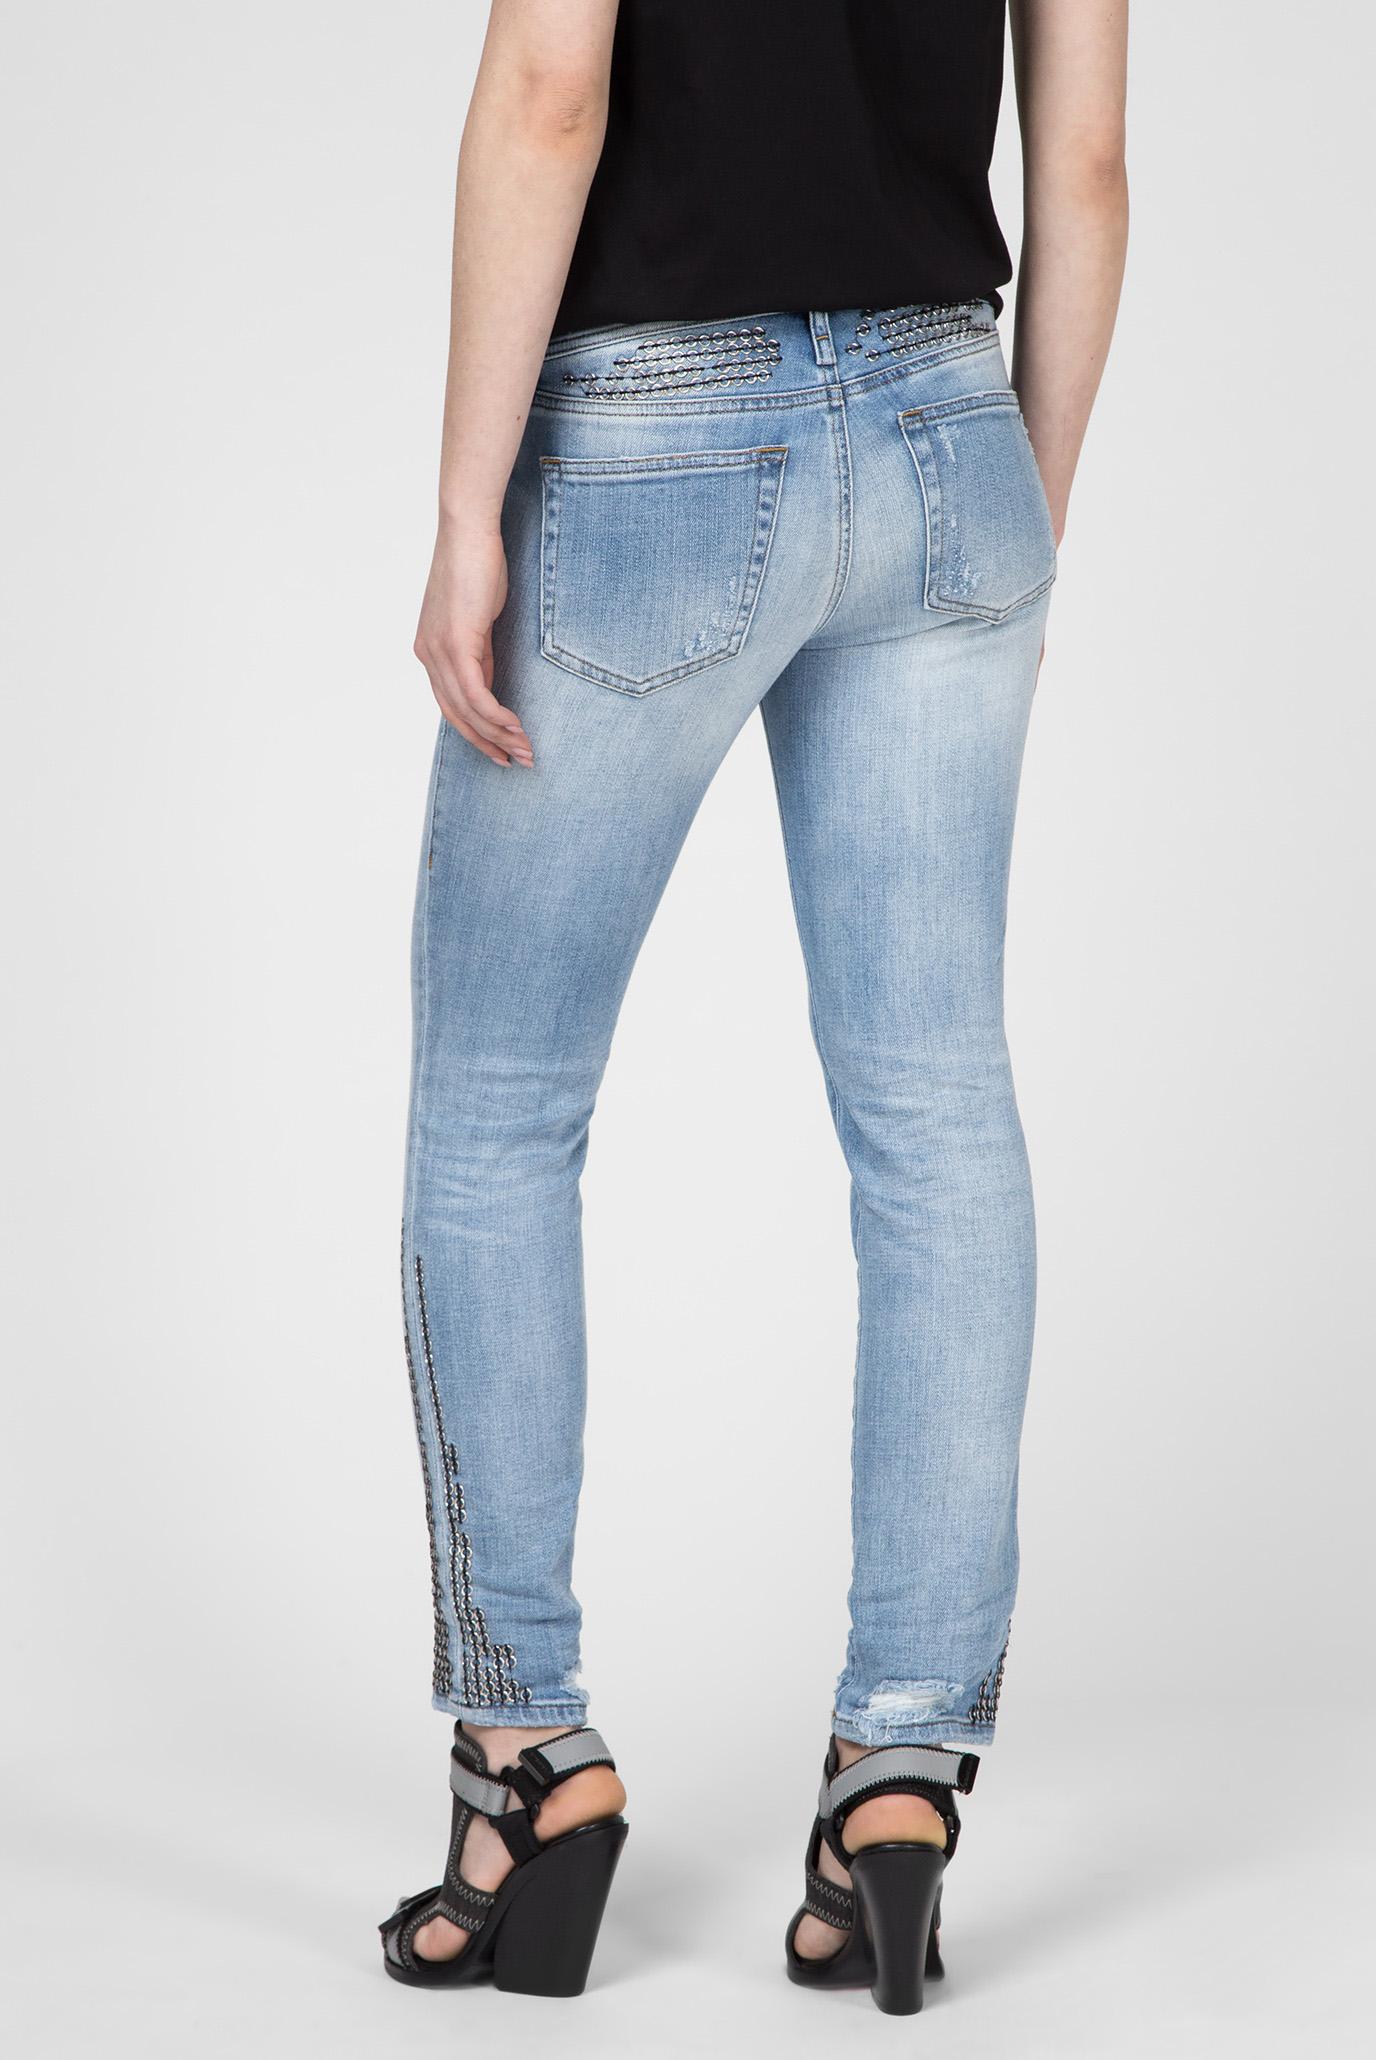 Купить Женские голубые джинсы D-RAMY Diesel Diesel 00SS18 081AJ – Киев, Украина. Цены в интернет магазине MD Fashion